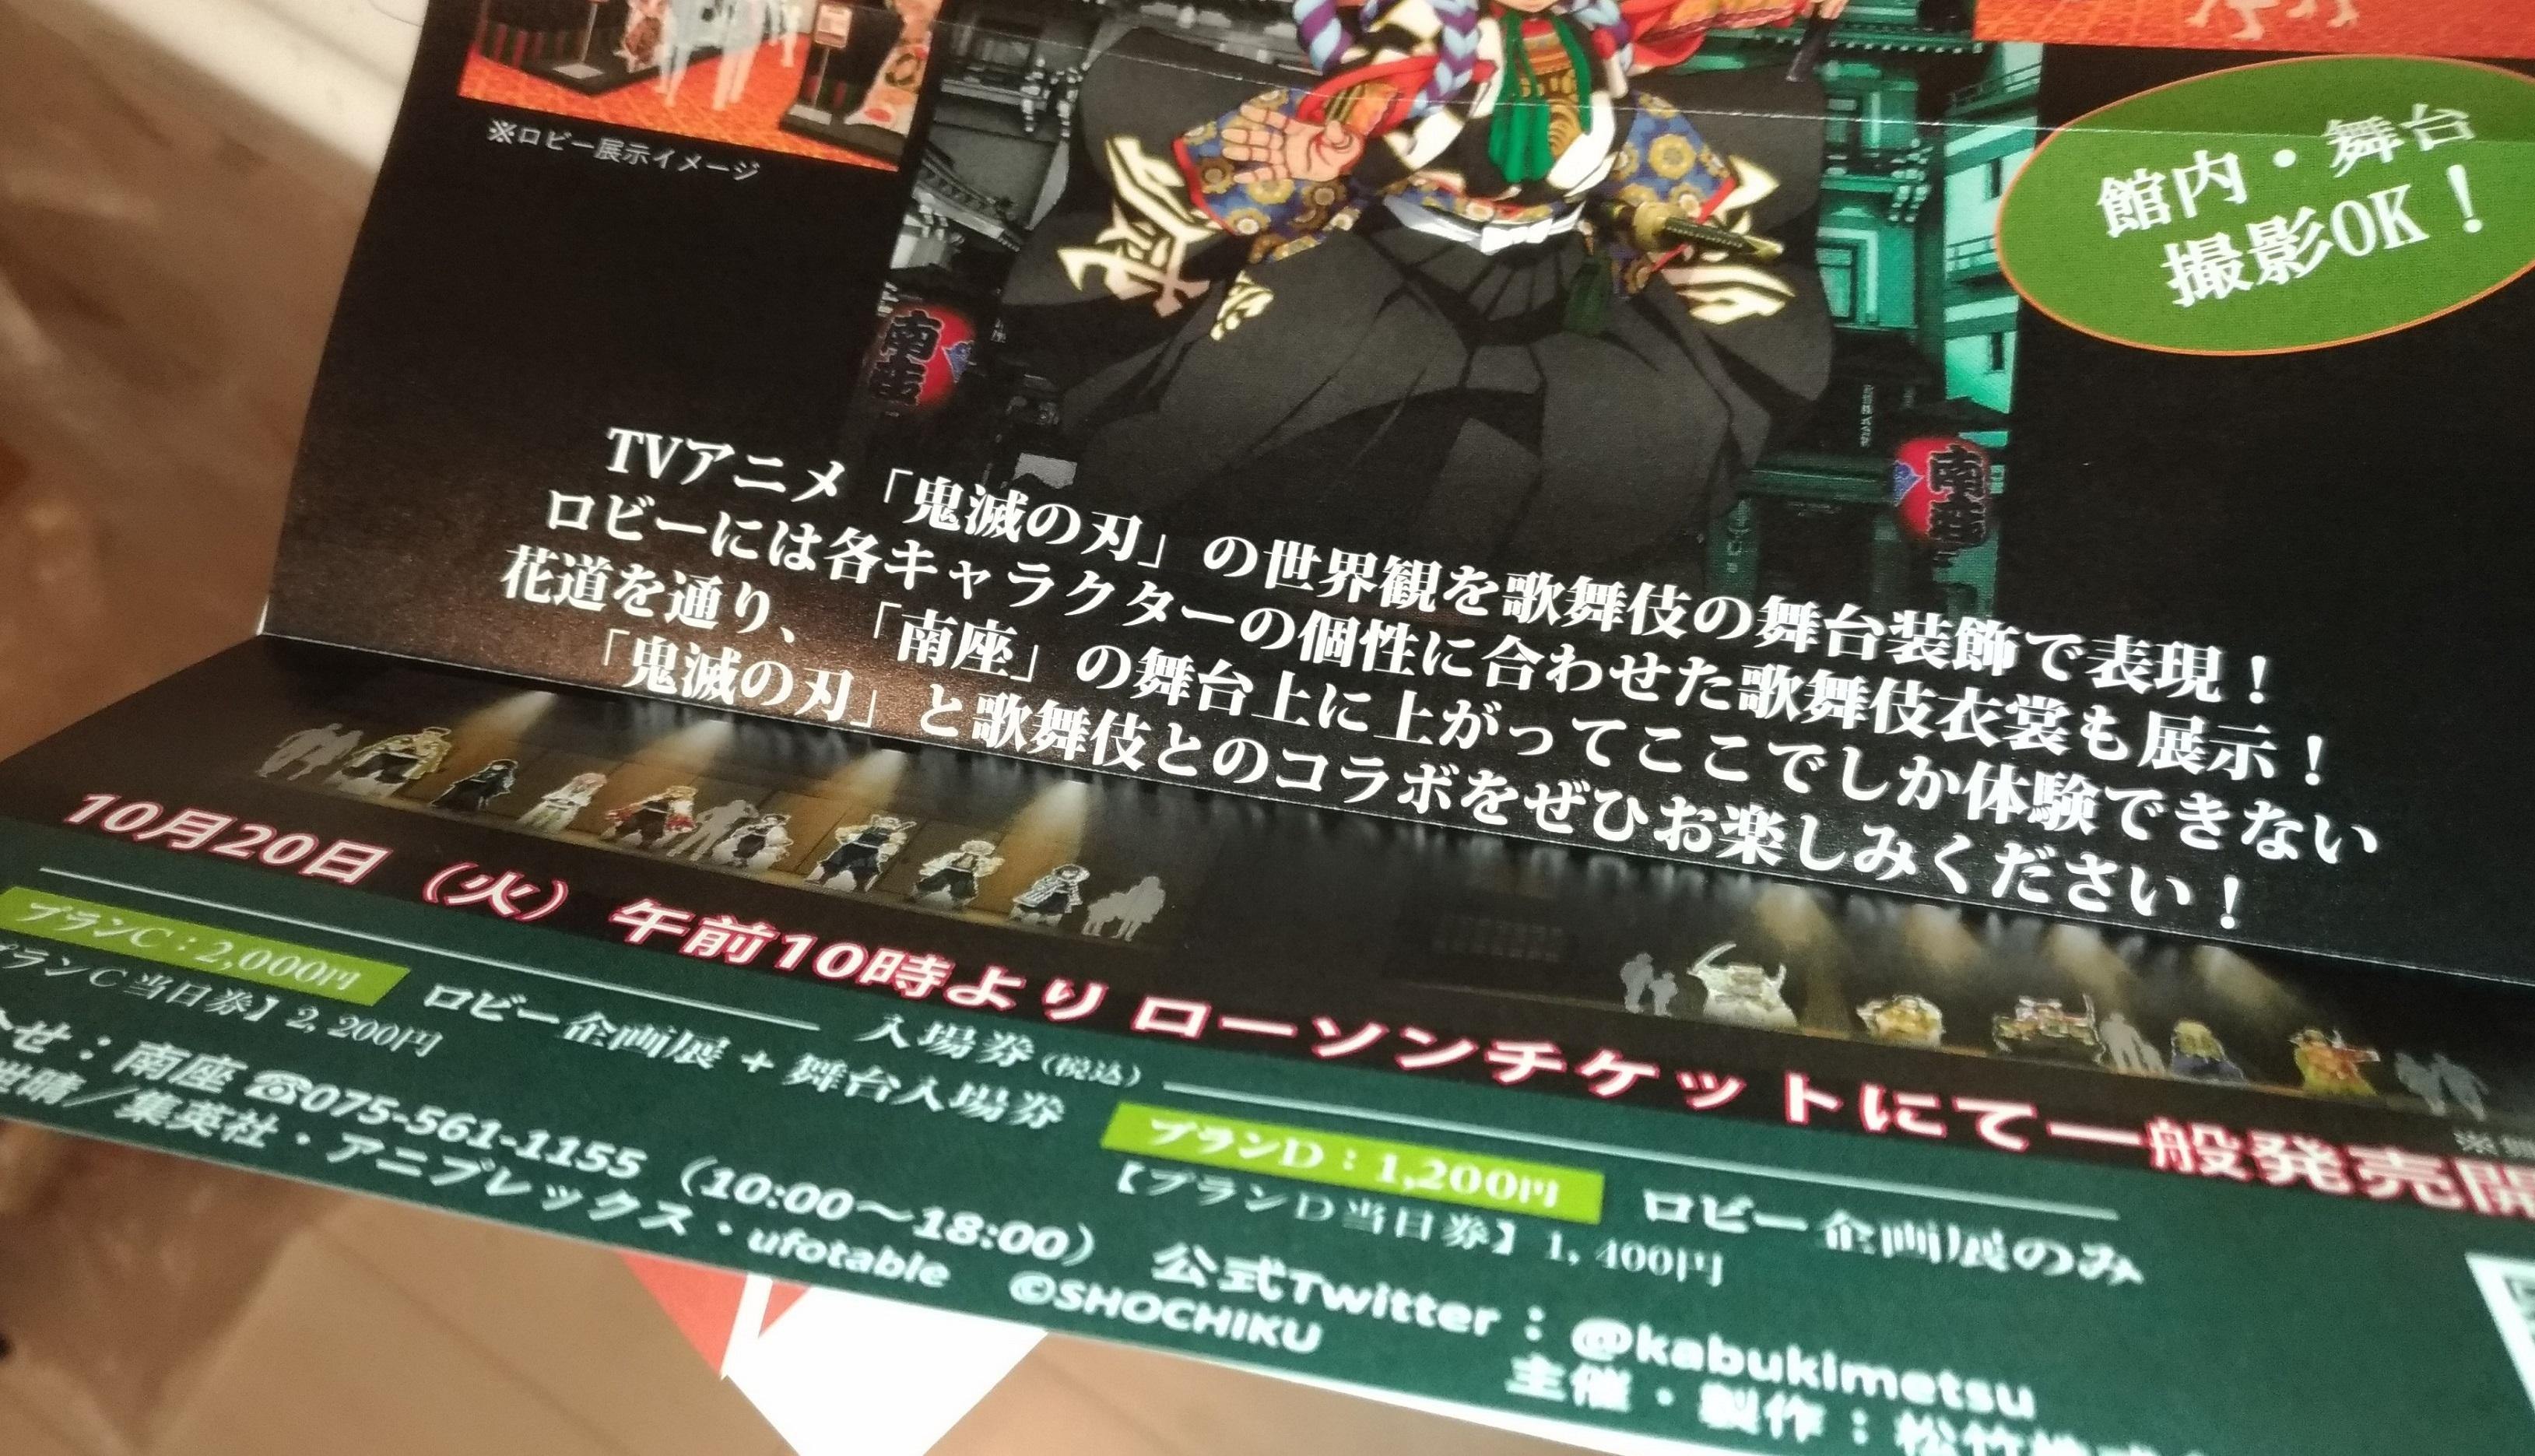 kimetsu_kyoto_kabuki_tikets_3.jpg